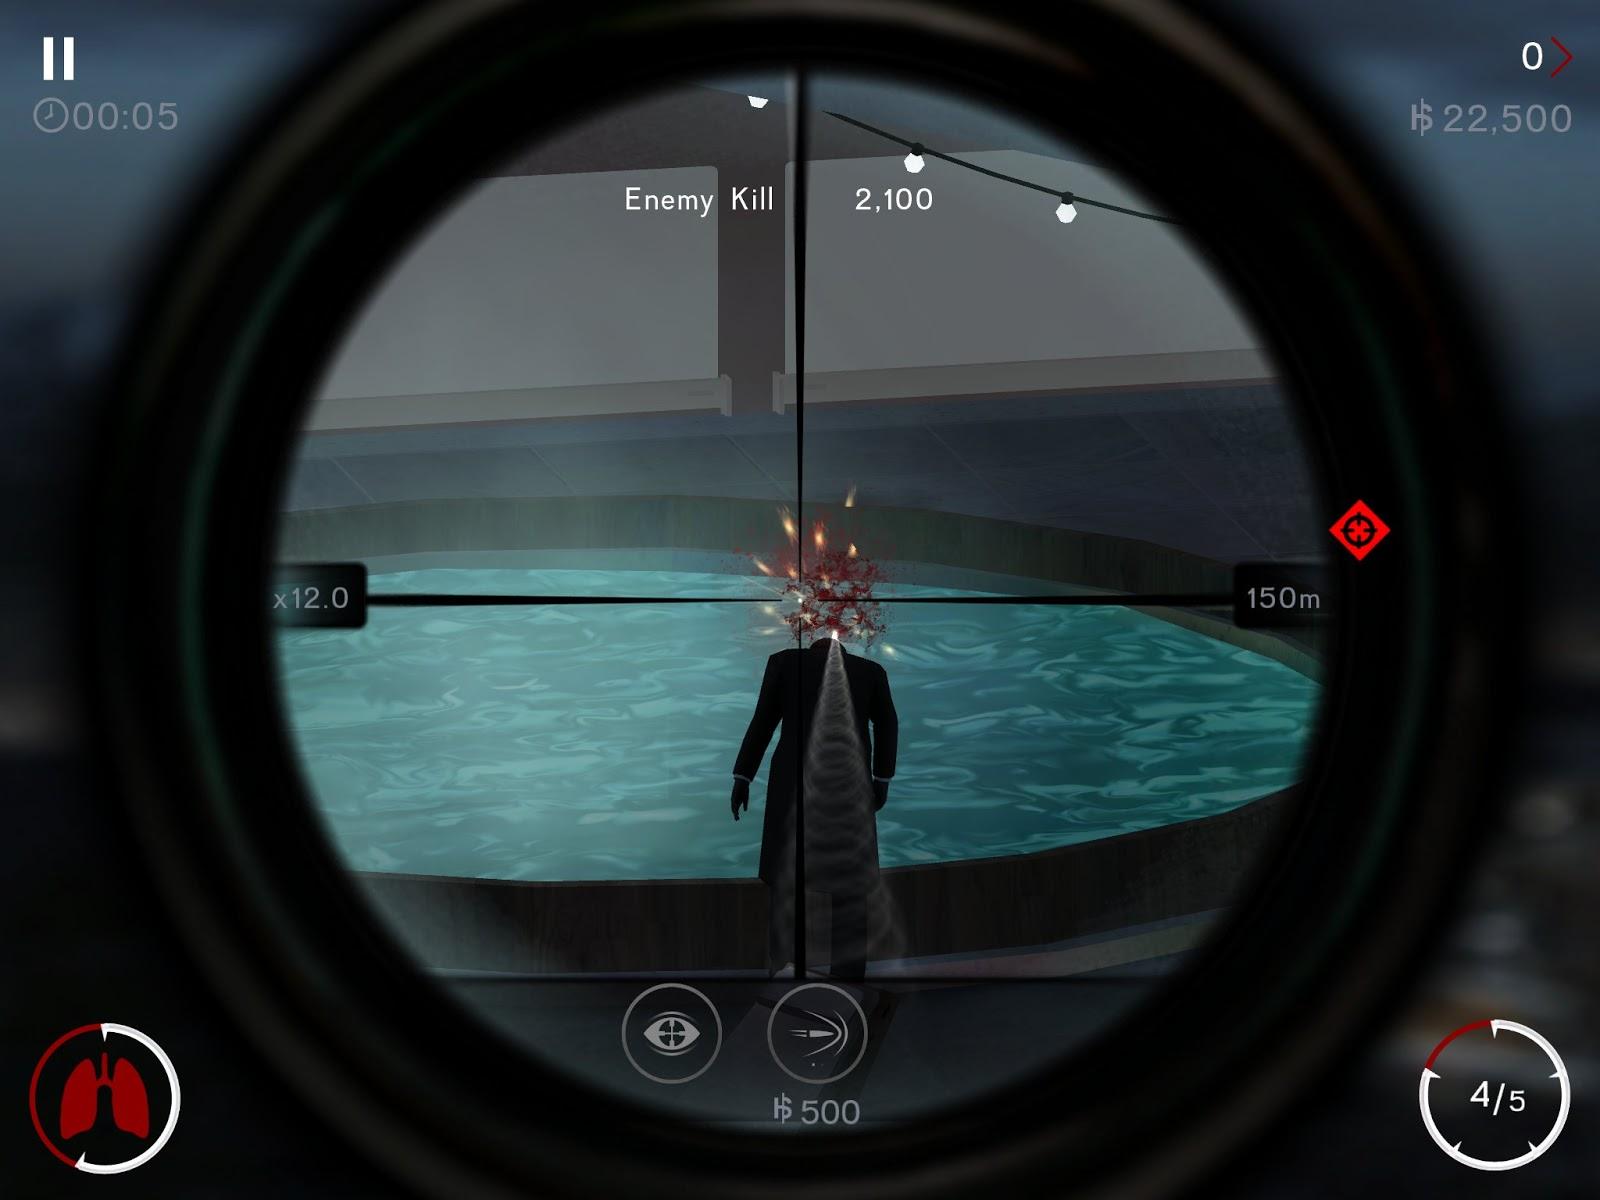 لعبة القنص الجميلة Hitman Sniper كاملة مصحوبة بملفات الداتا